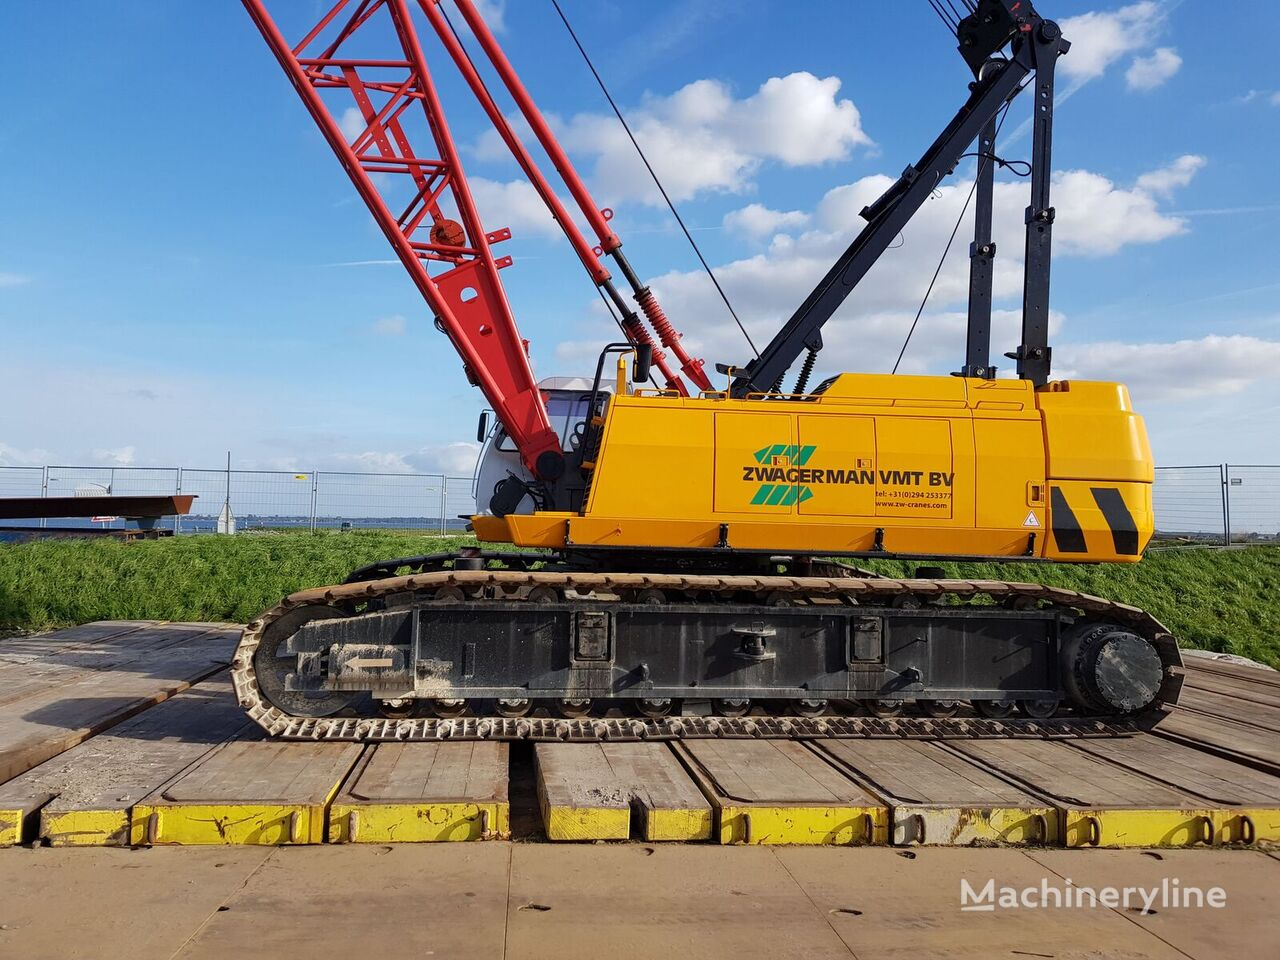 SUMITOMO SC 1000 S 2 crawler crane